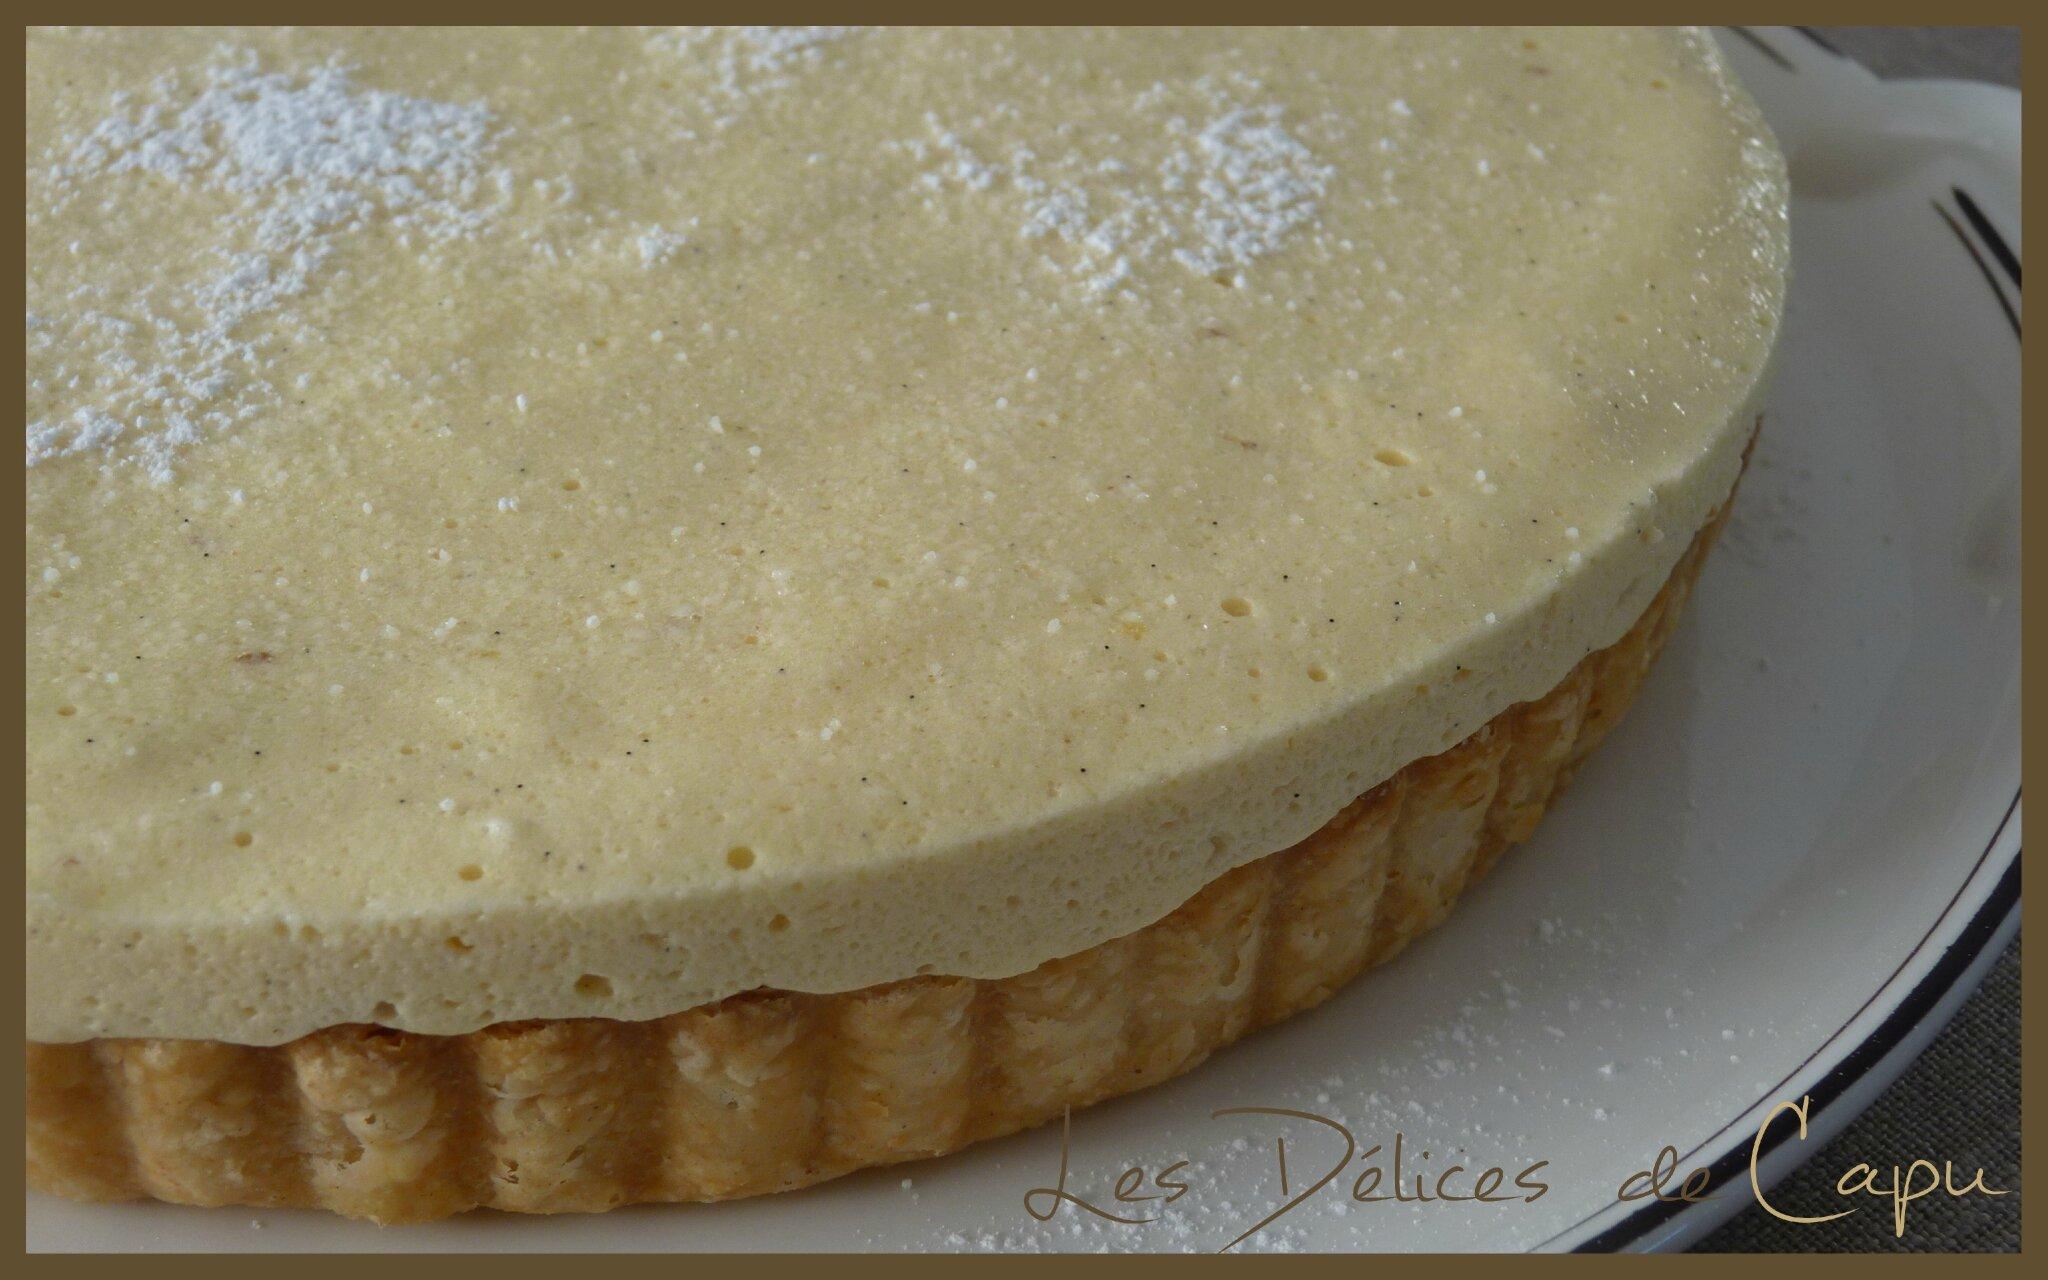 tartes des demoiselles d'hazebrouck1